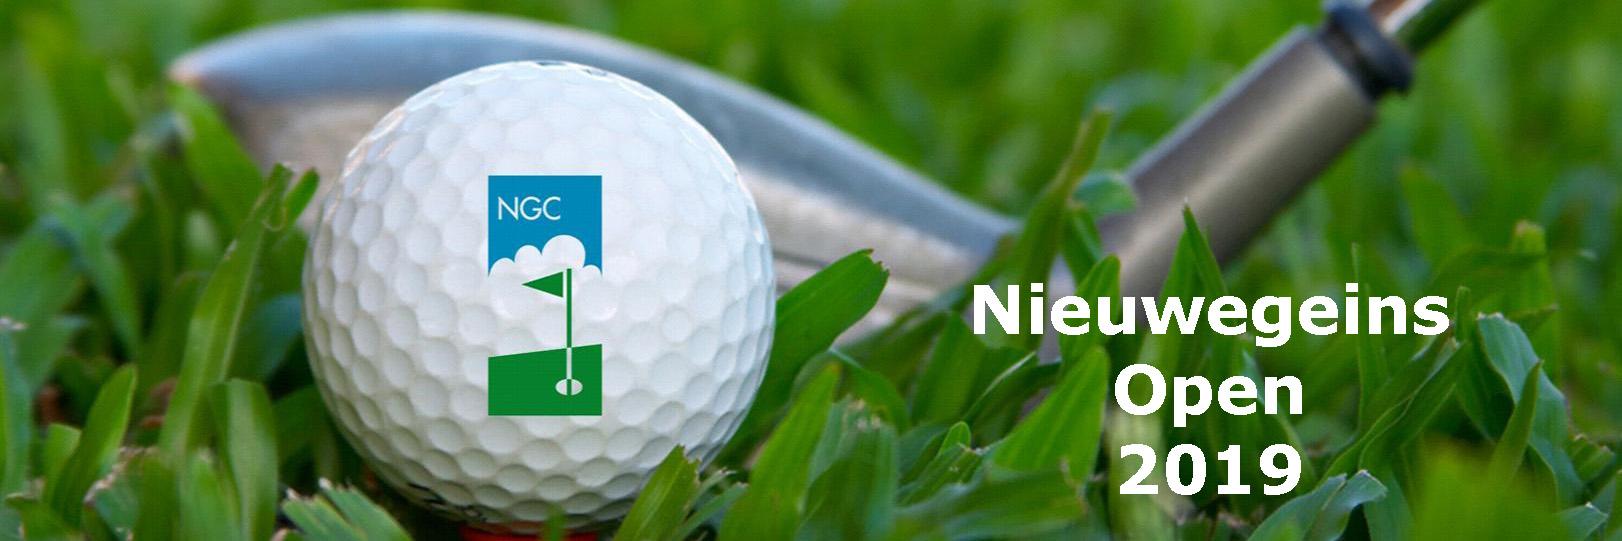 Uitslagen Nieuwegeins Open